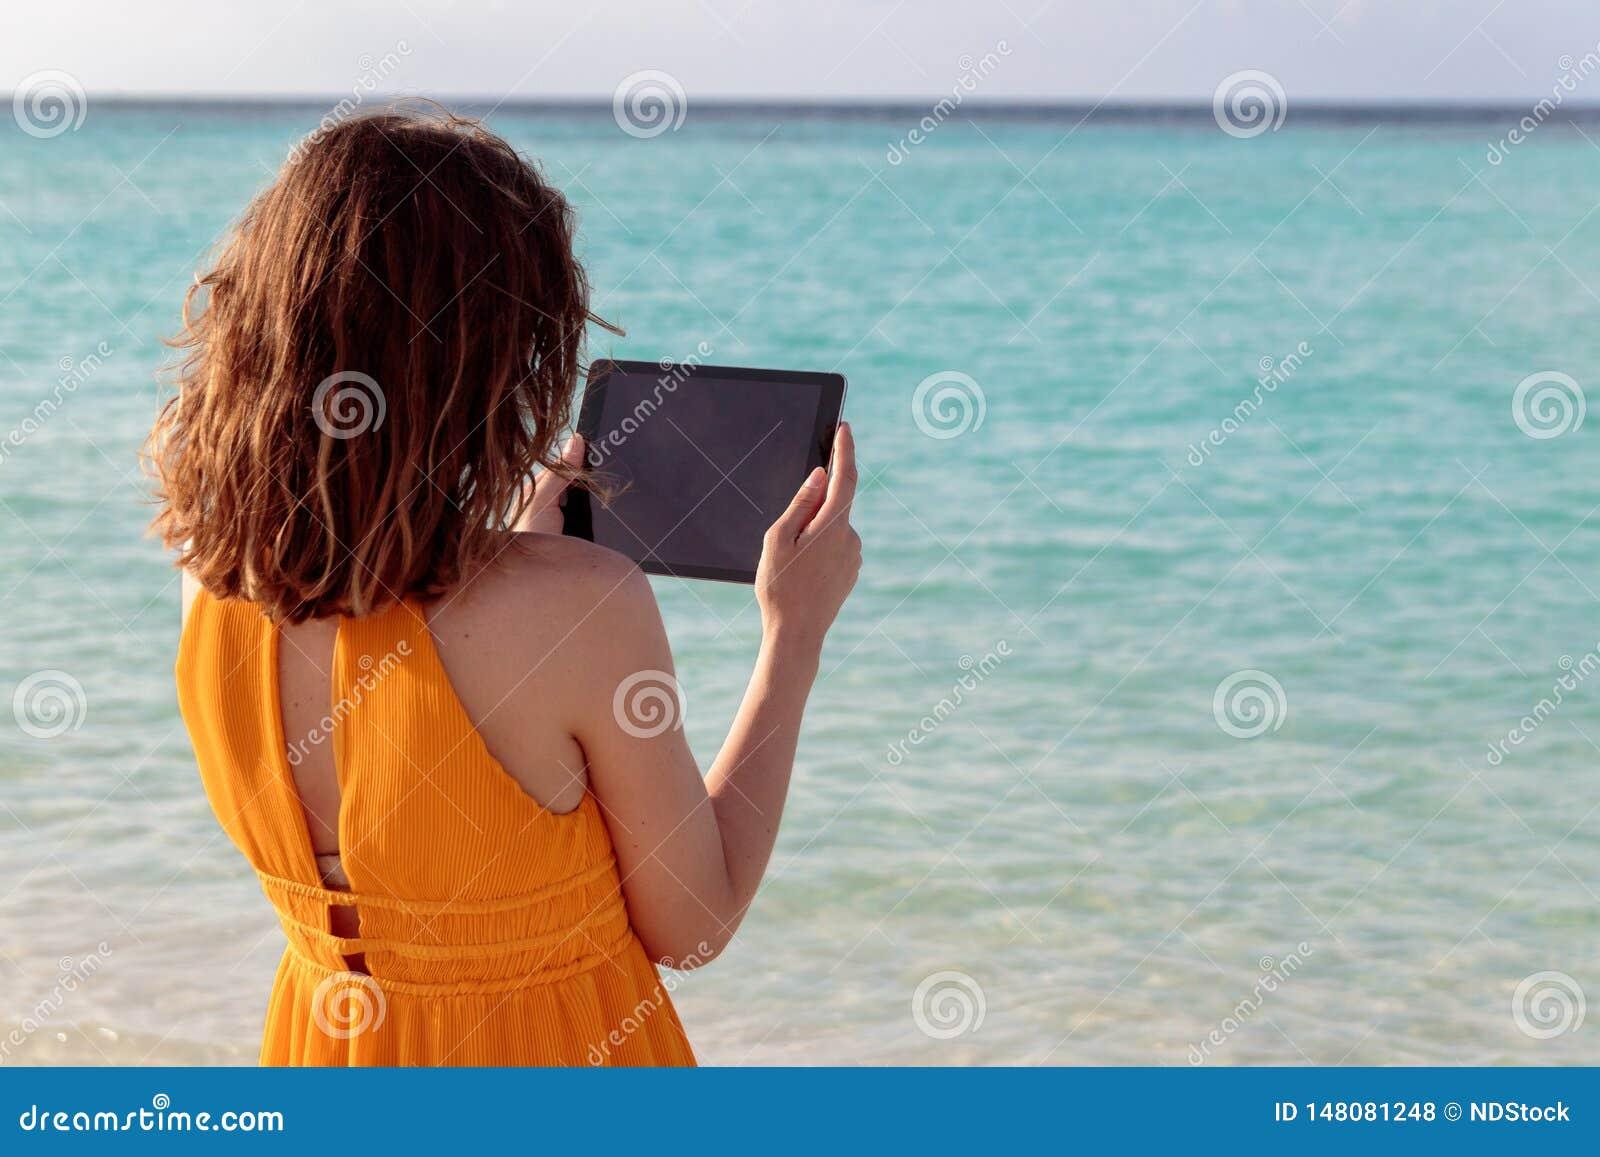 Положение молодой женщины перед морем и использование ее планшета во время захода солнца